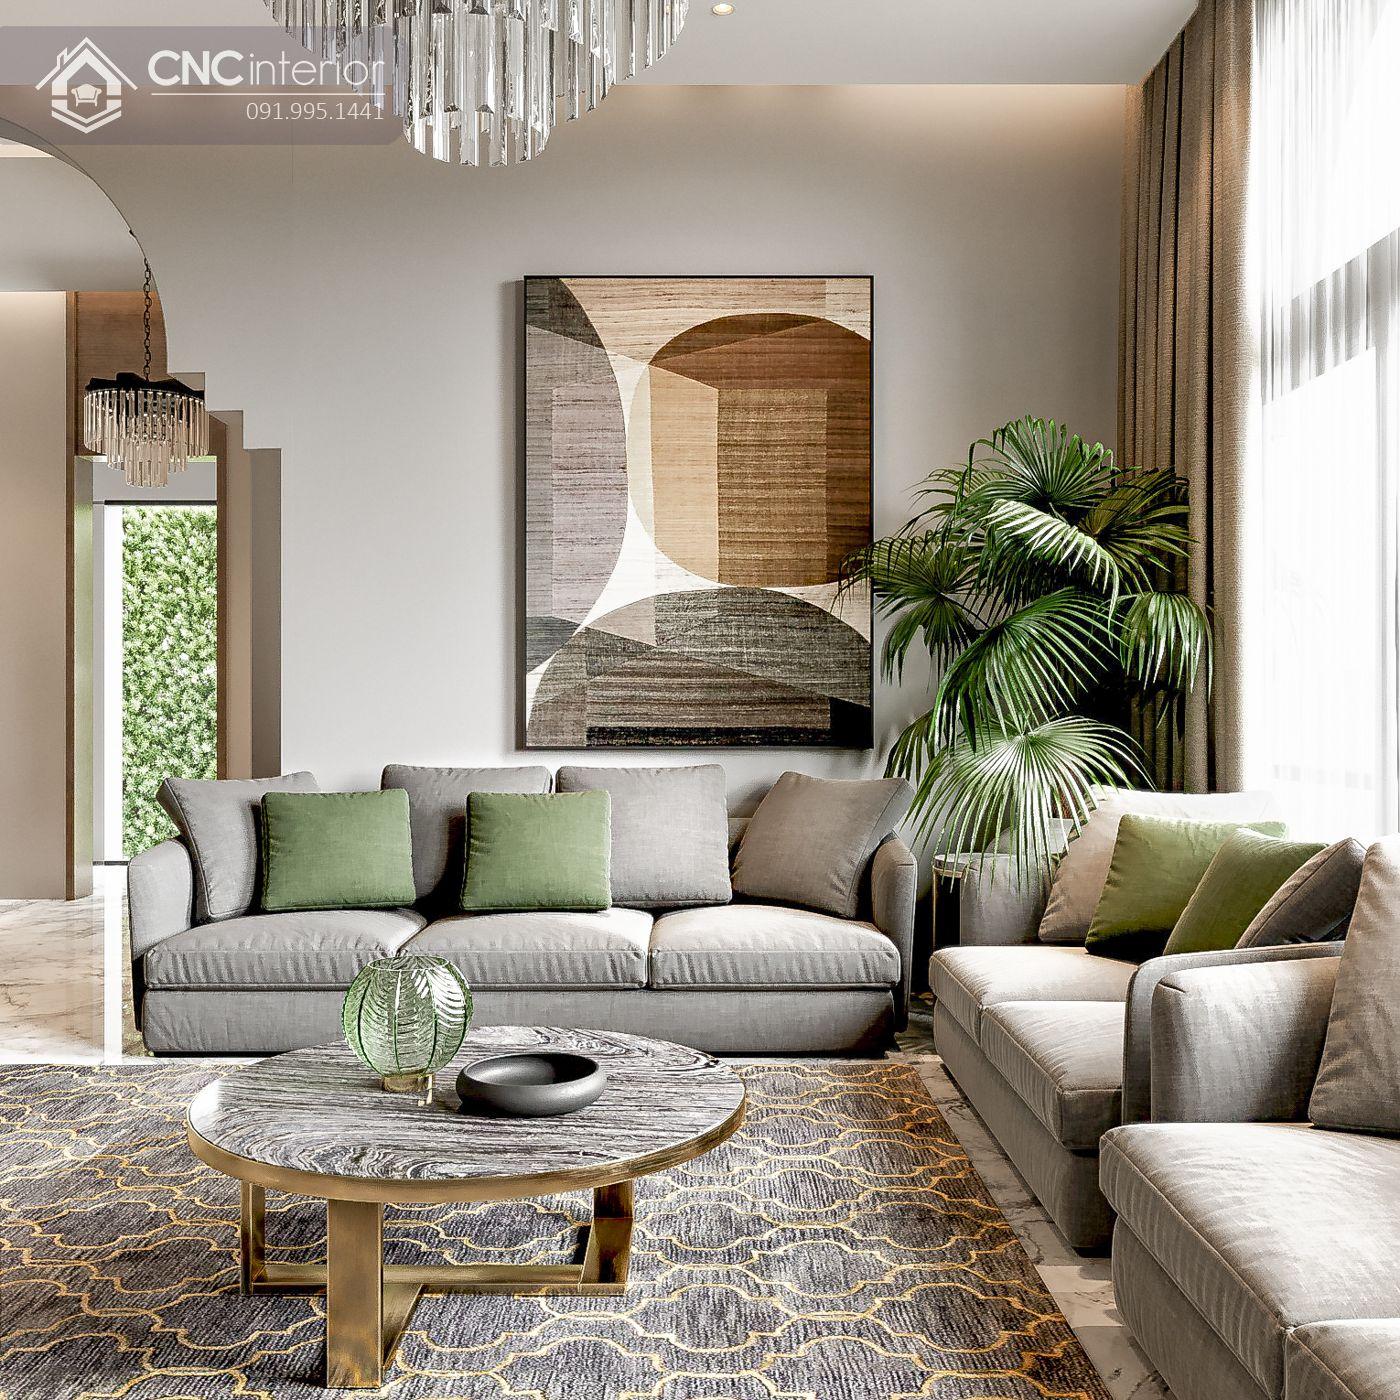 các mẫu thiết kế nội thất biệt thự đẹp 6